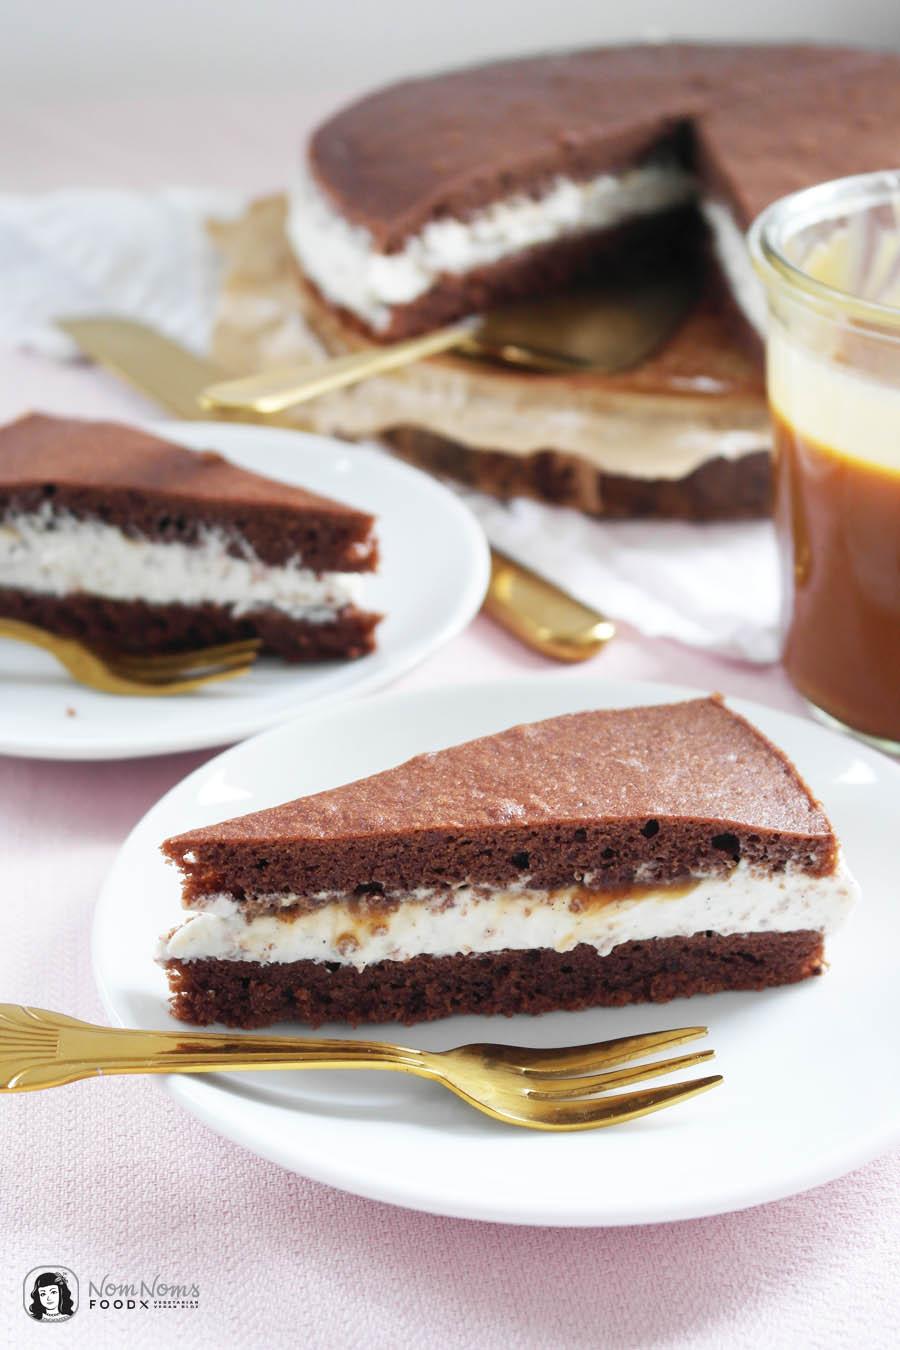 Milchschnitten-Torte mit Salzkaramell-Kern (Salted Caramel) aus der Springform